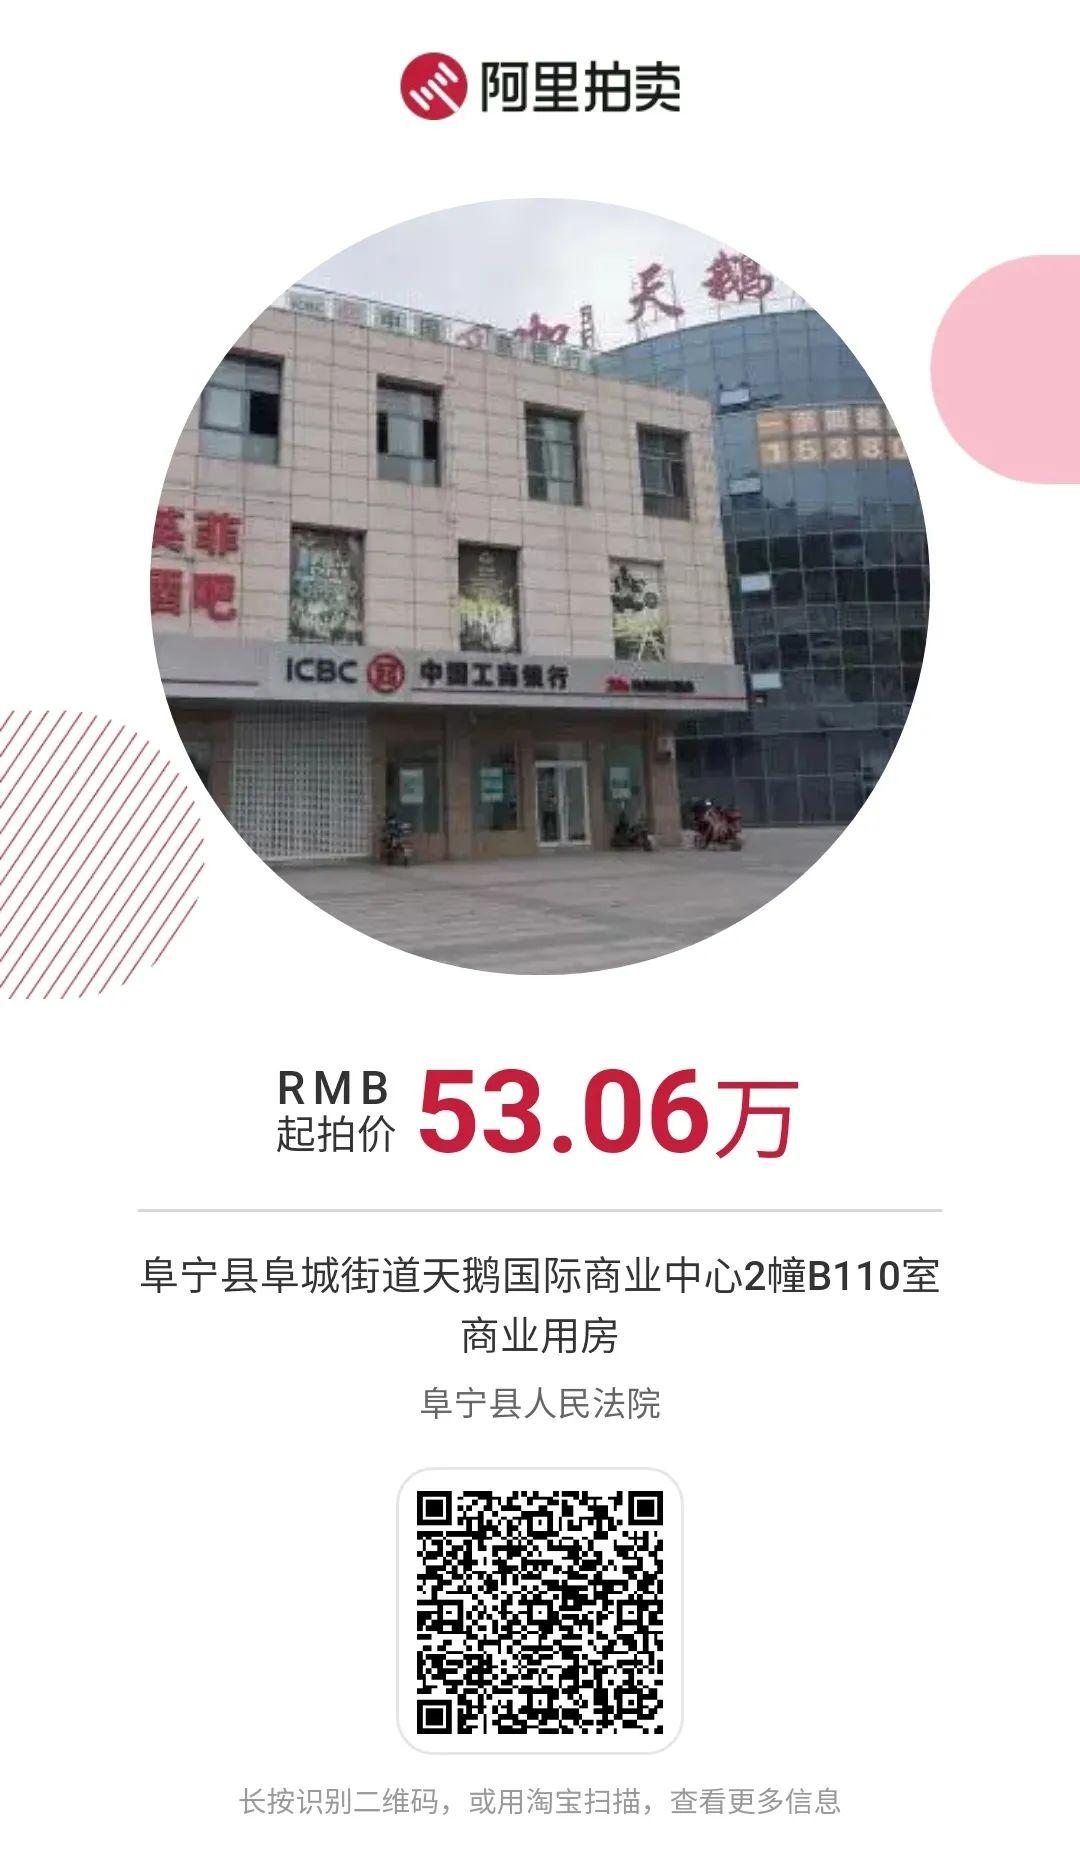 阜宁城南黄金位置多间商业用房开始拍卖!